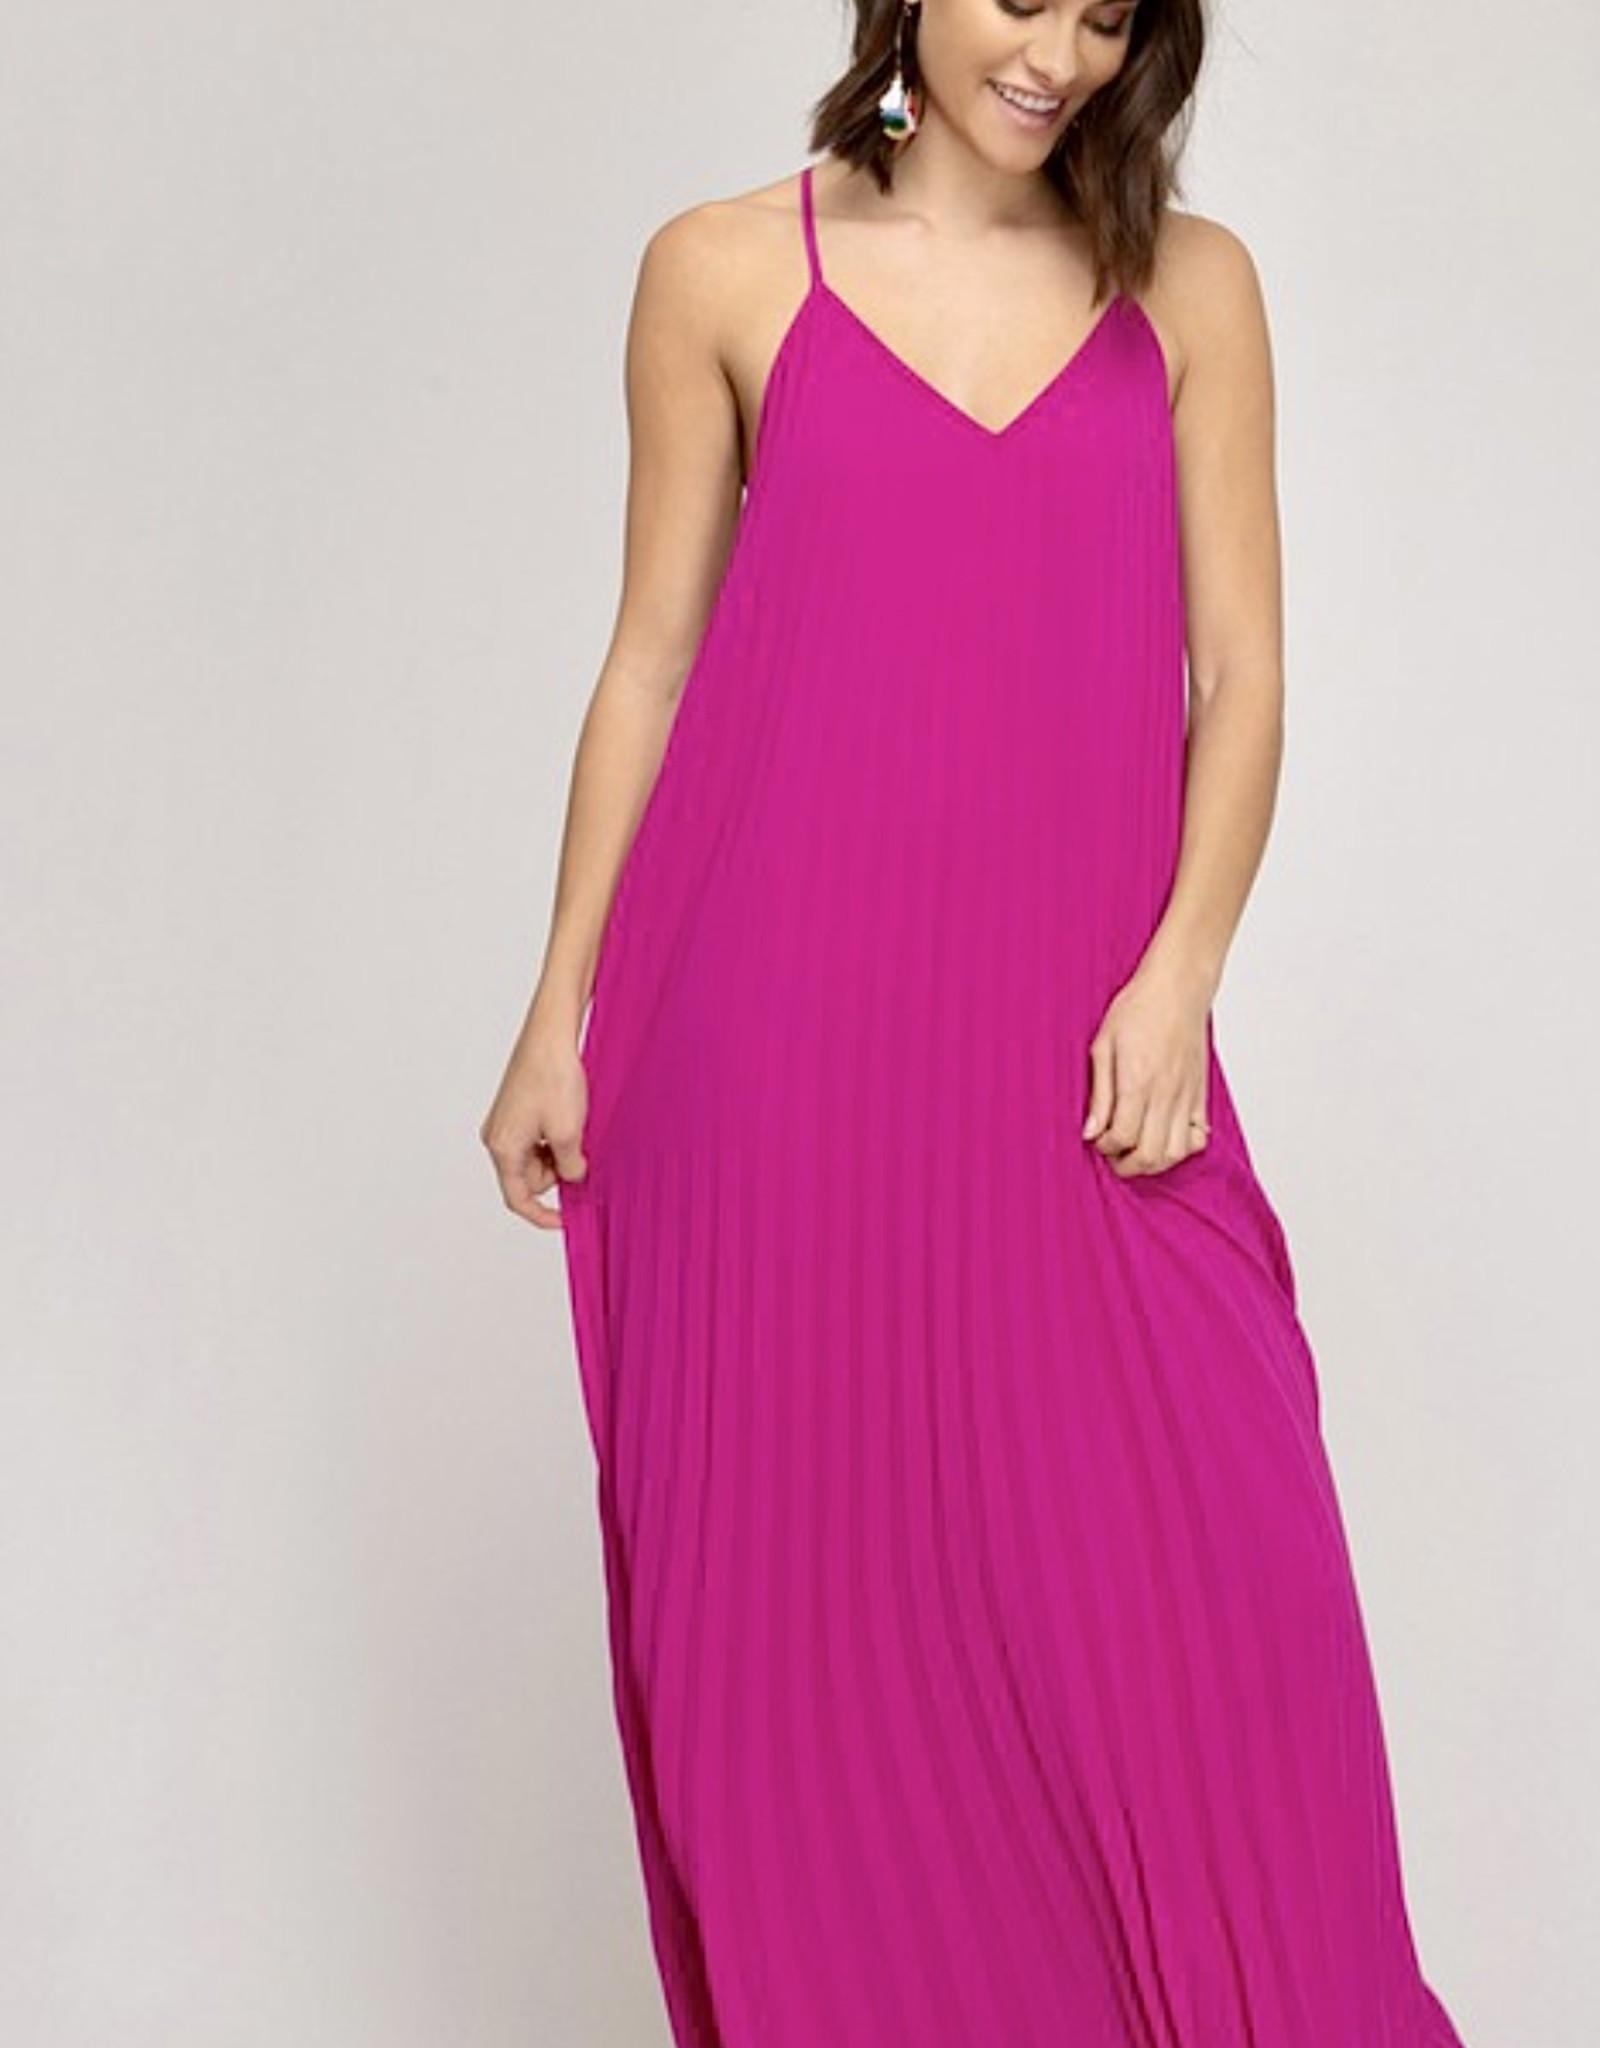 HUSH ORLI maxi dress